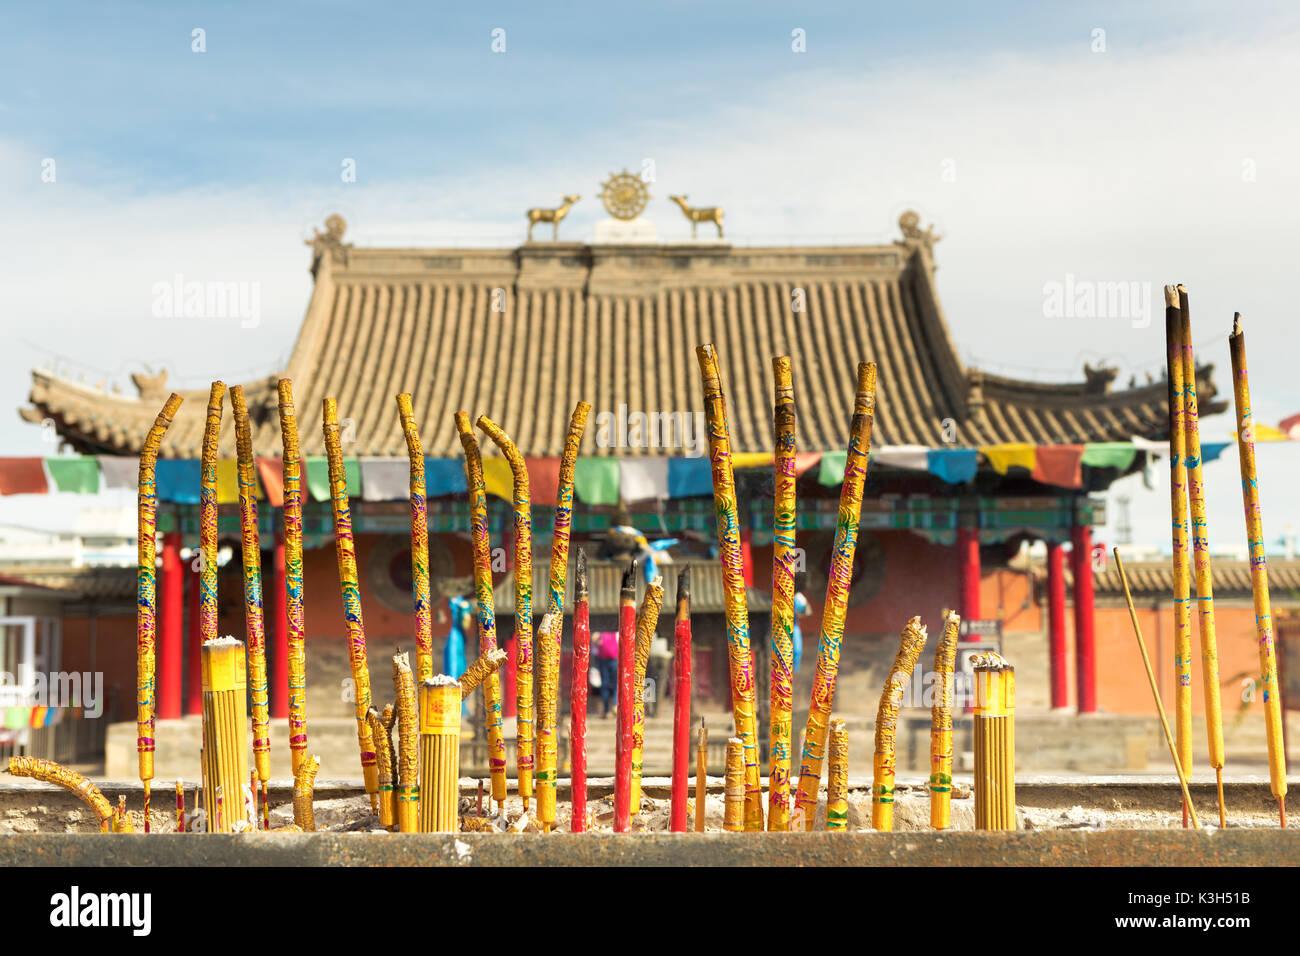 Xilinhot, Mongolia interna, Cina-luglio 23, 2017: beizi tempio è uno dei più grandi lamaseries nella Mongolia interna. Foto Stock